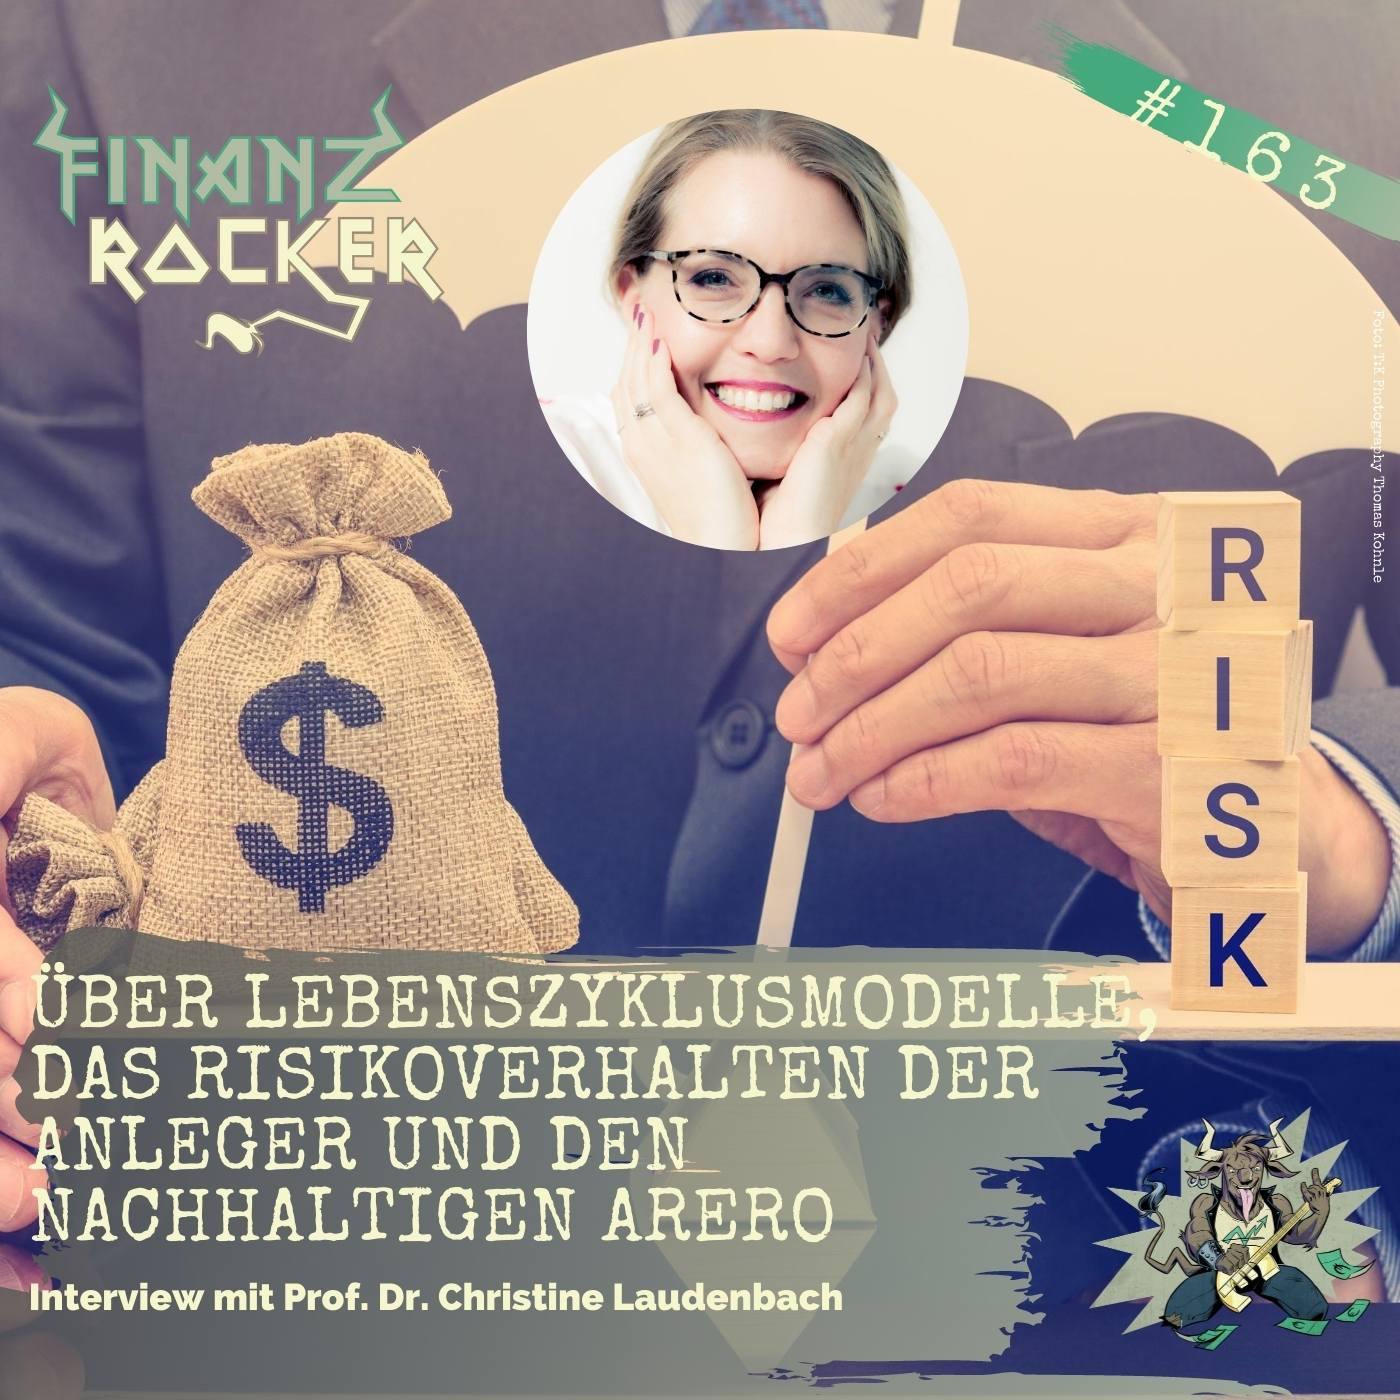 Folge 163: Über Lebenszyklusmodelle, Risikoverhalten der Anleger und den neuen ARERO mit Prof. Dr. Christine Laudenbach